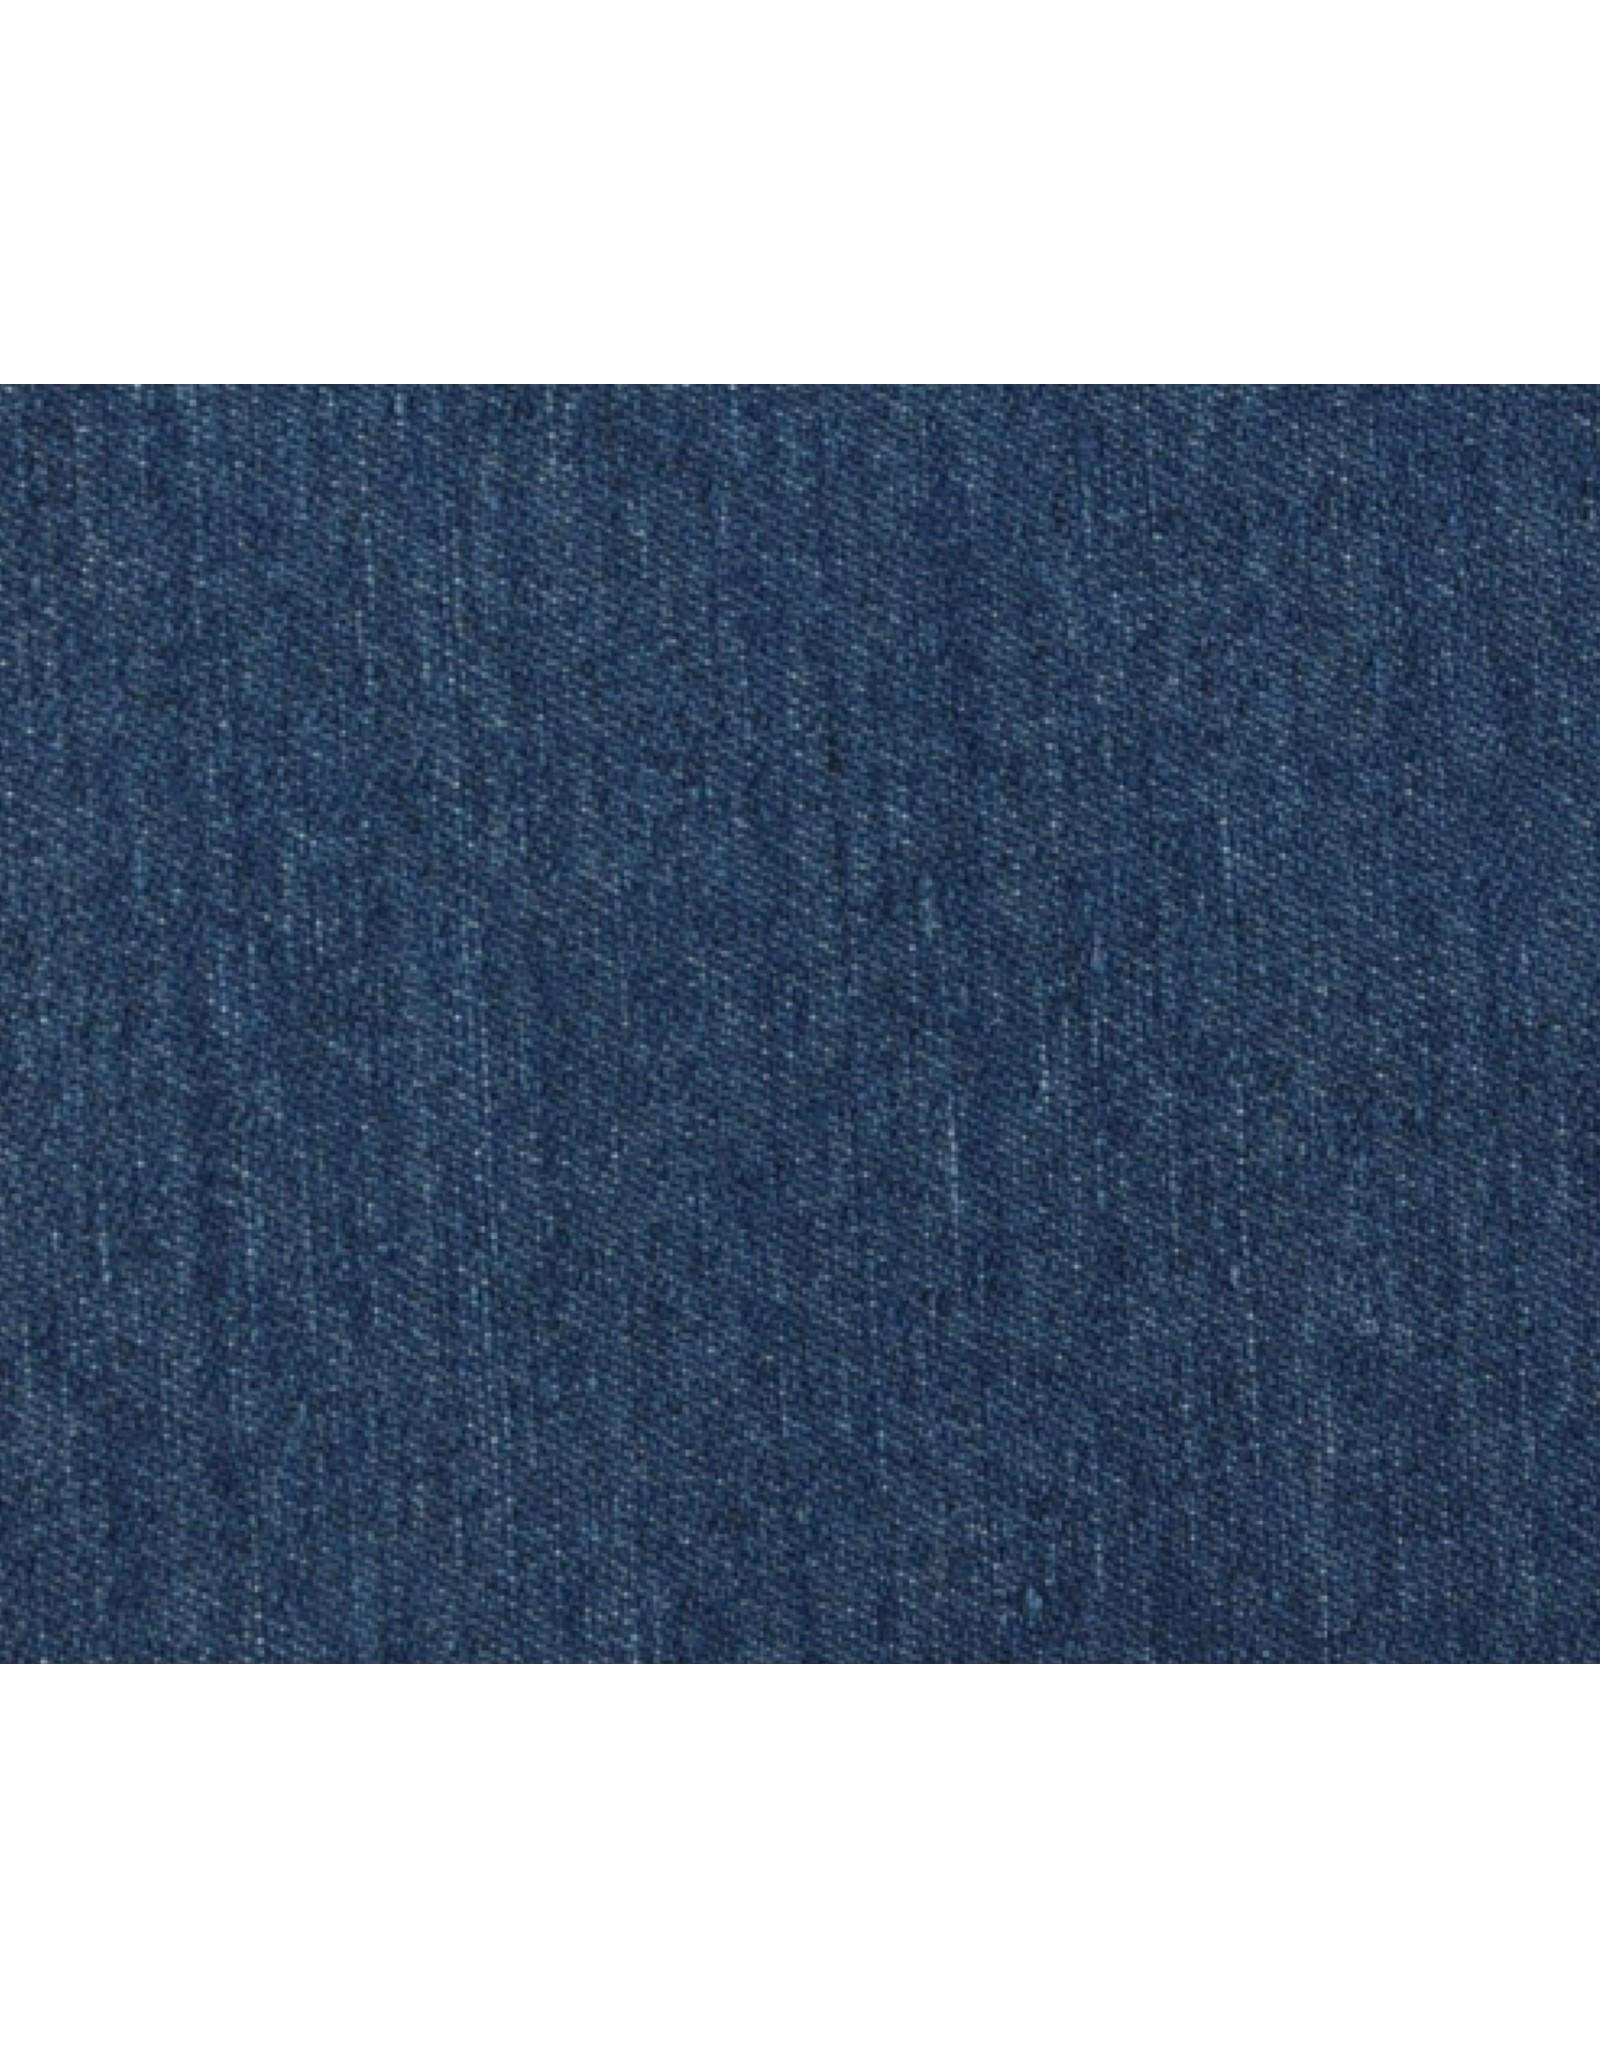 Denim Jeans washed - Blue